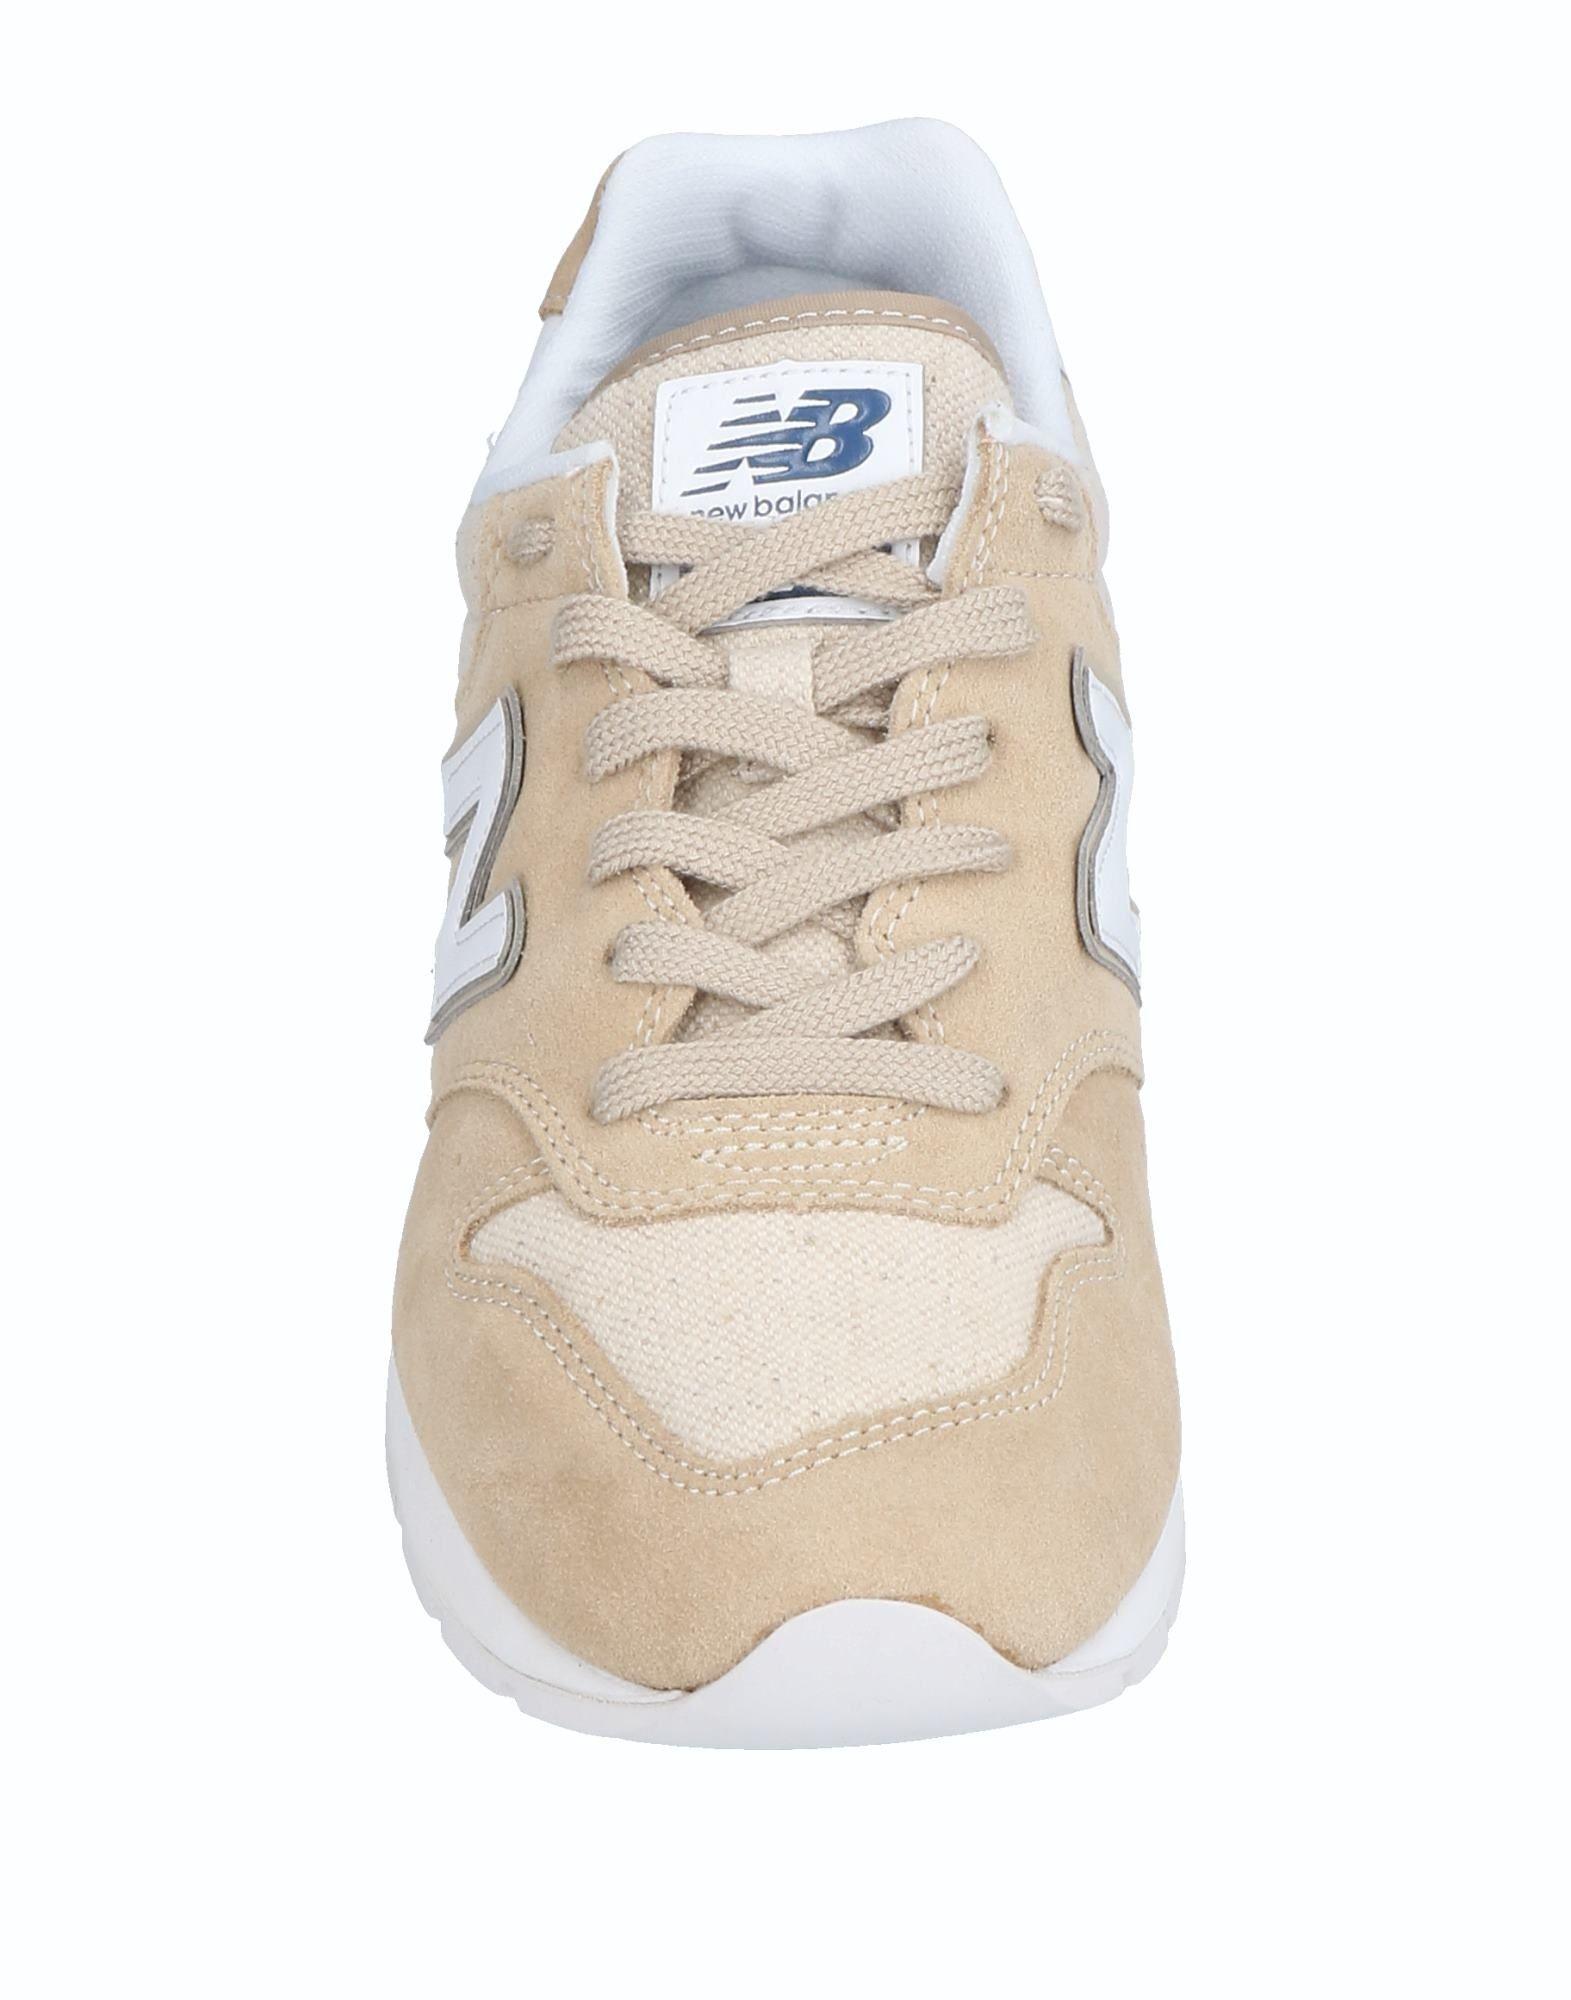 Rabatt Schuhe echte Schuhe Rabatt New Balance Sneakers Herren  11503190OU d2a657